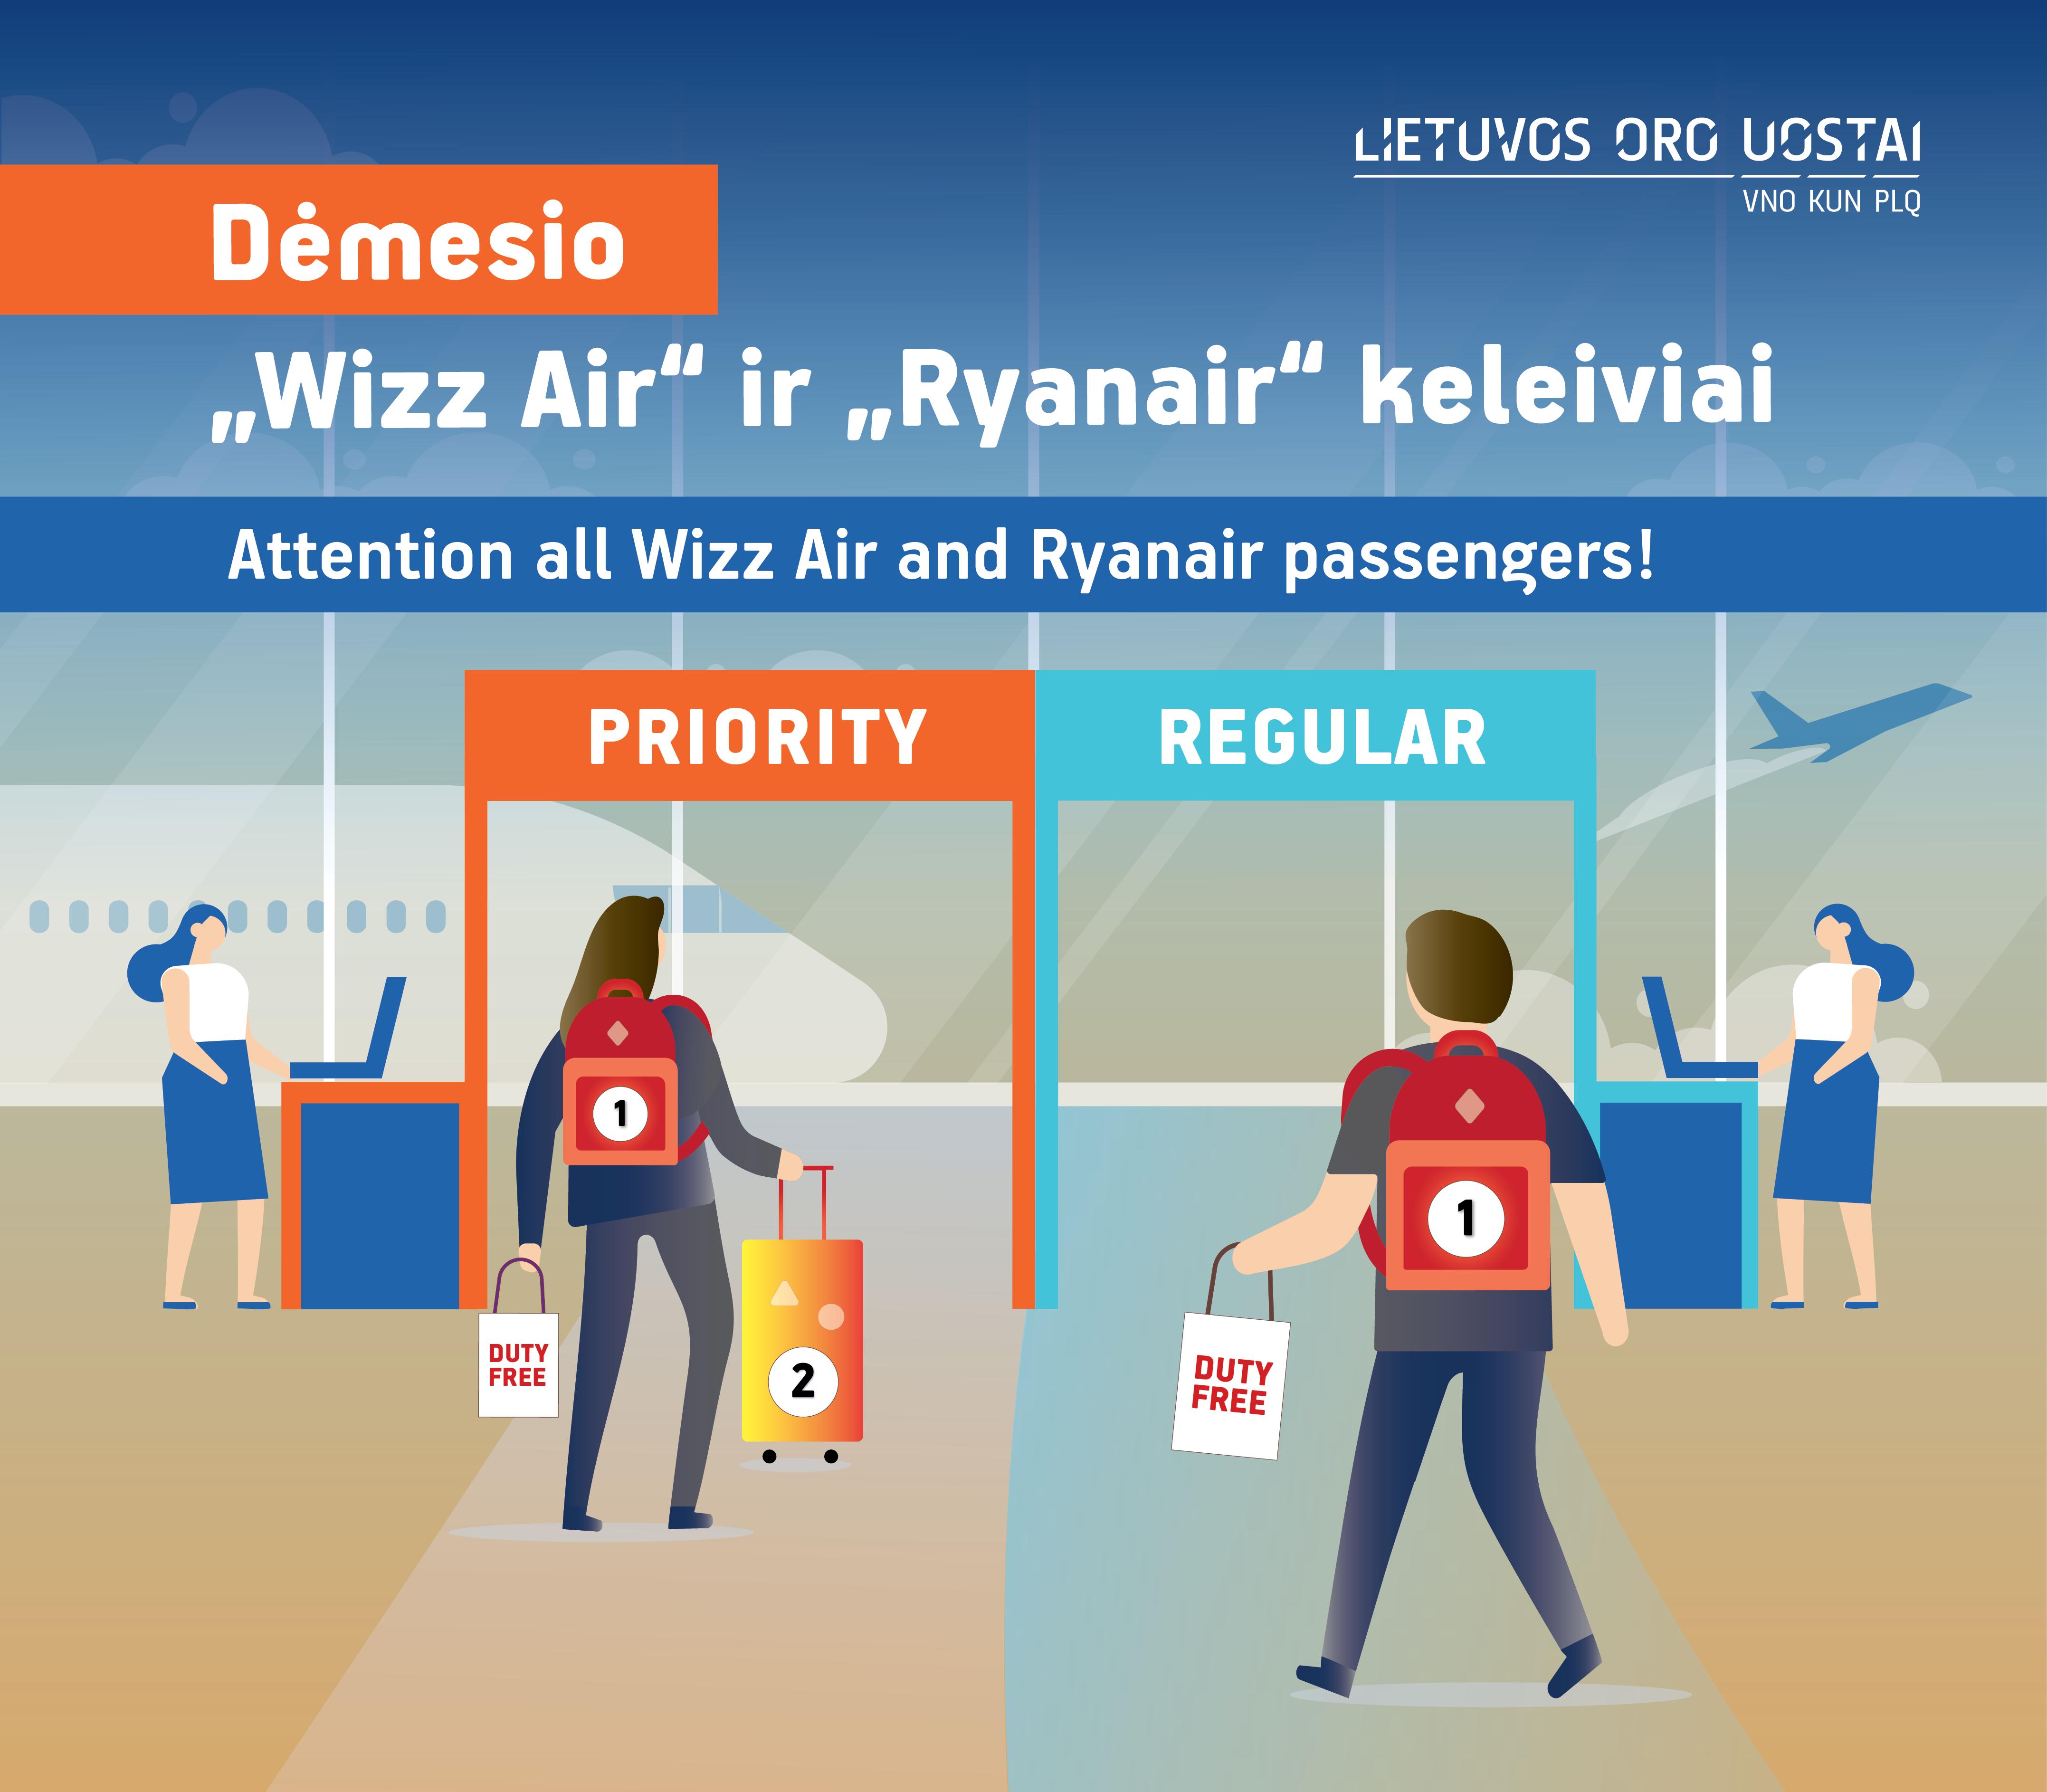 Lietuvos oro uostai primena: nuo lapkričio 1 d. keliautojams pravers auksinė taisyklė